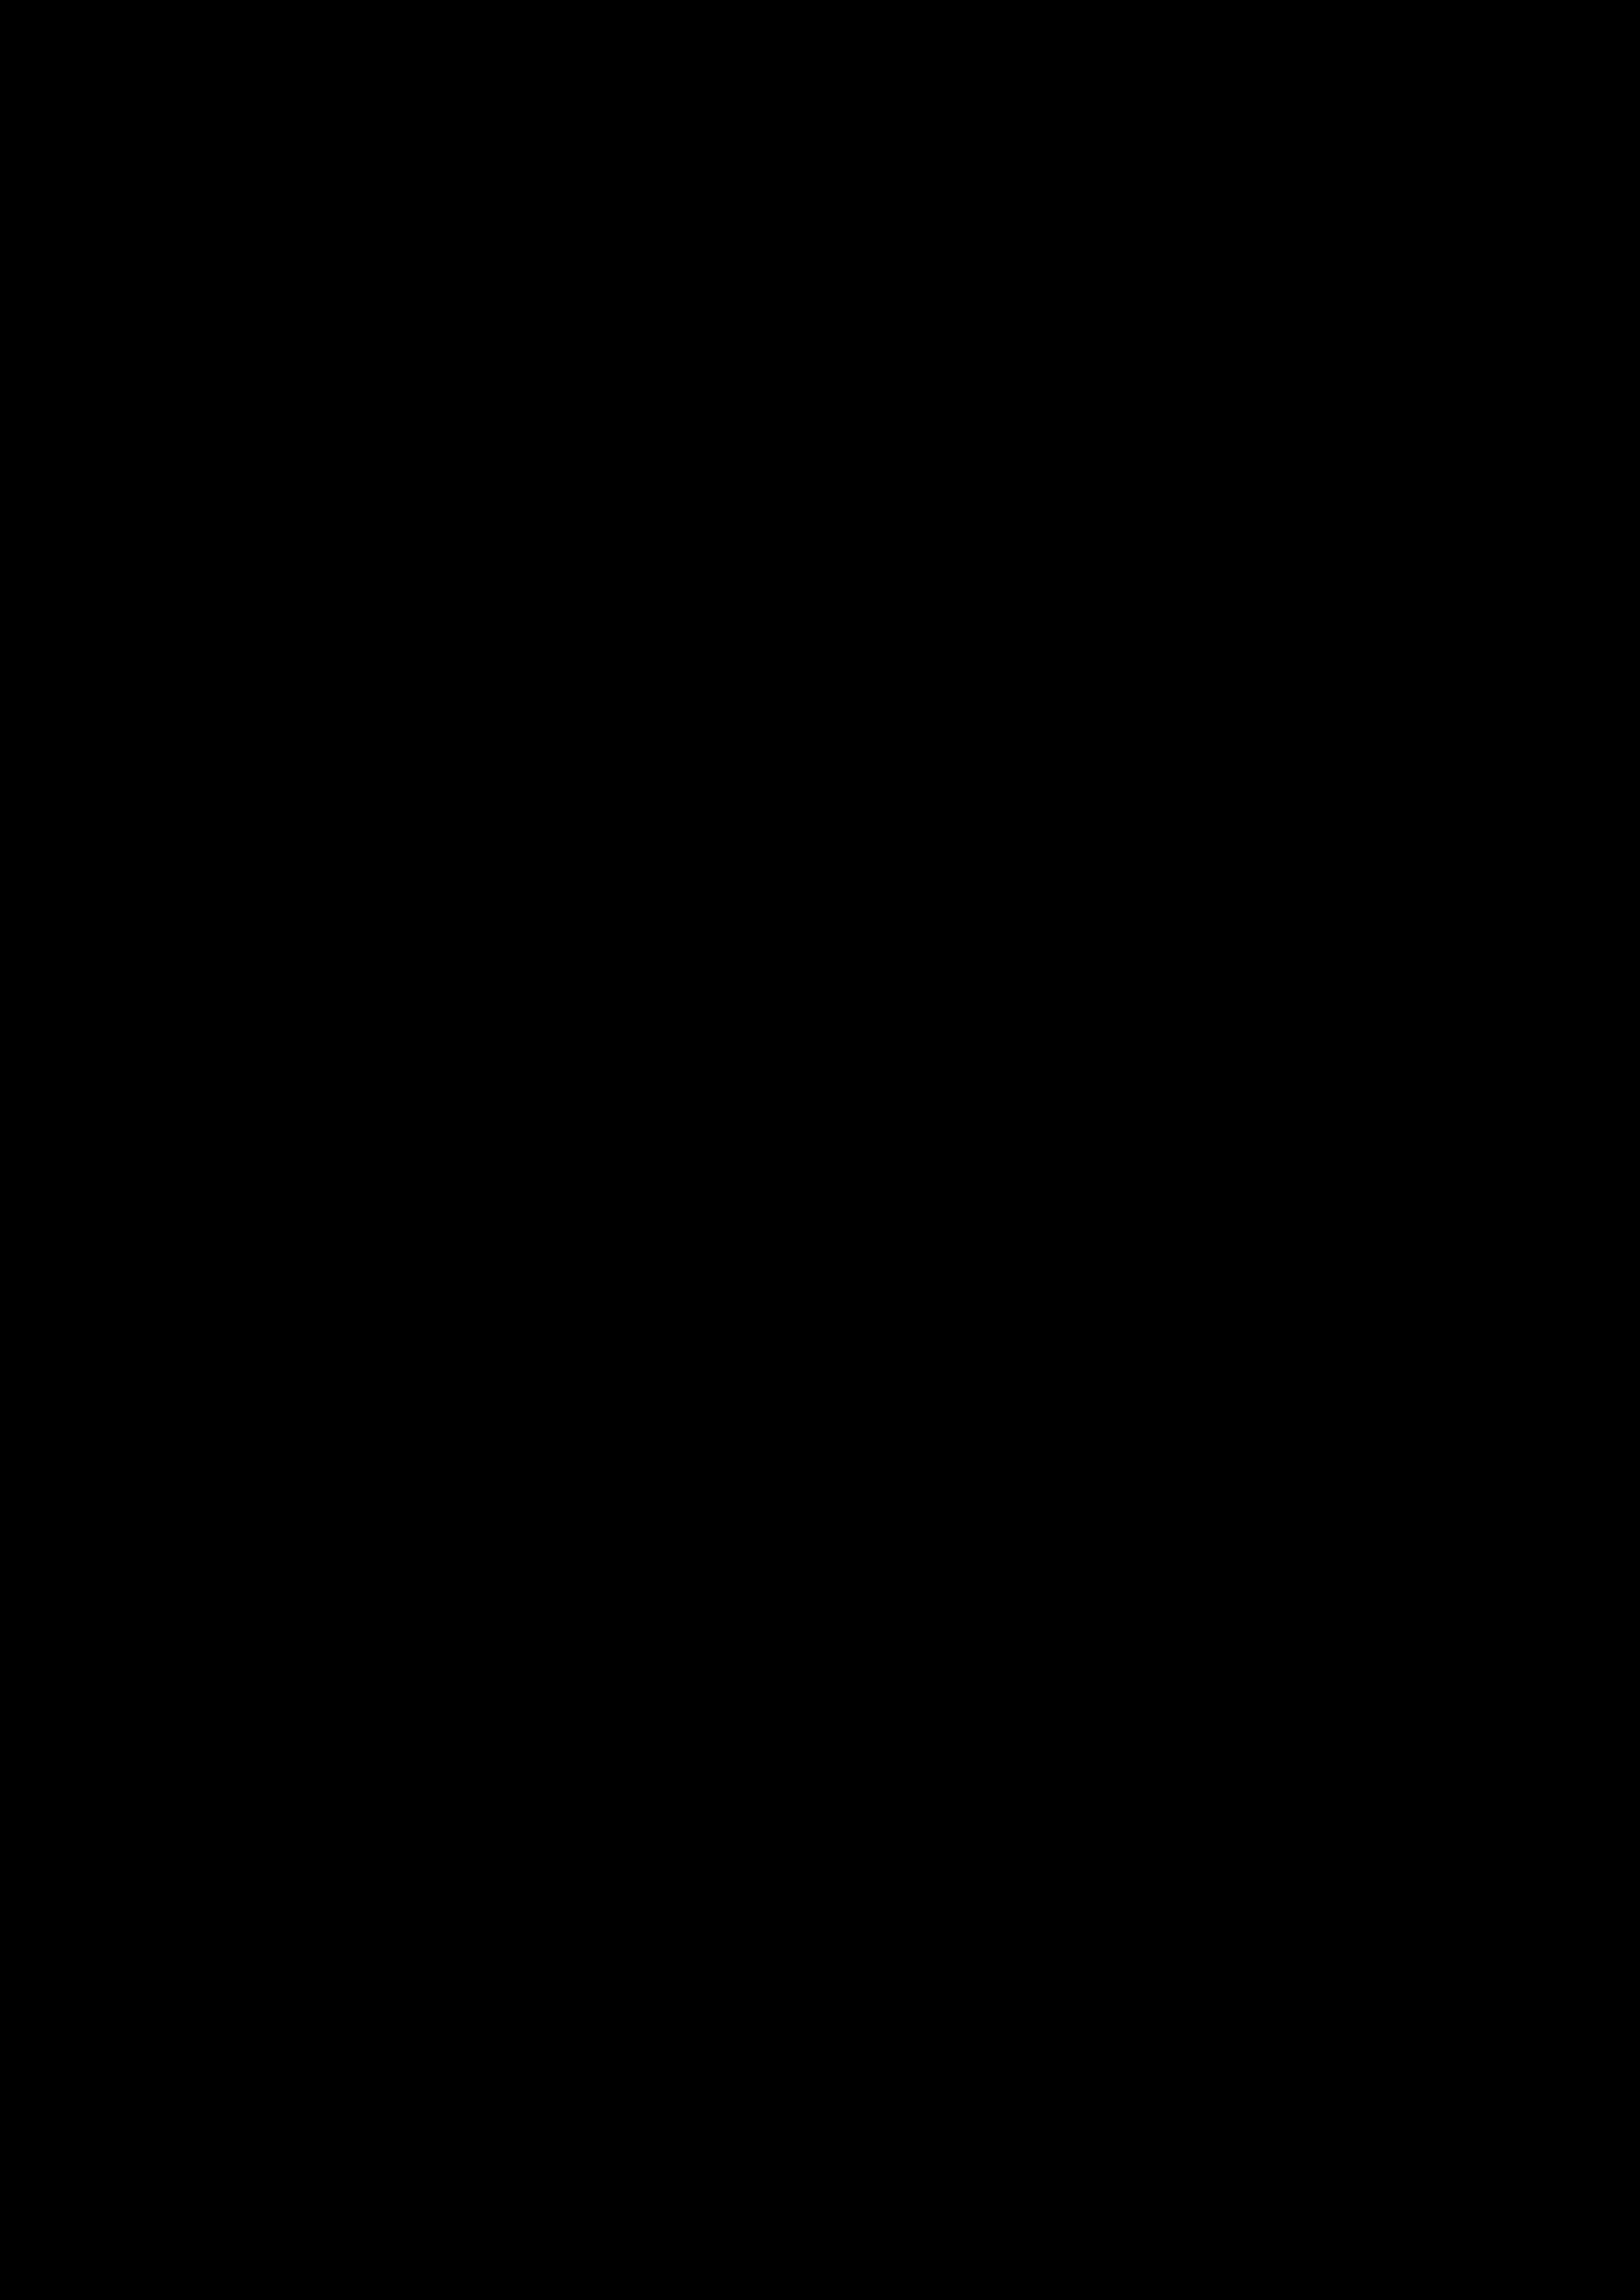 第三十五屆天然藥物研討會 - 學術活動網Events@TMU